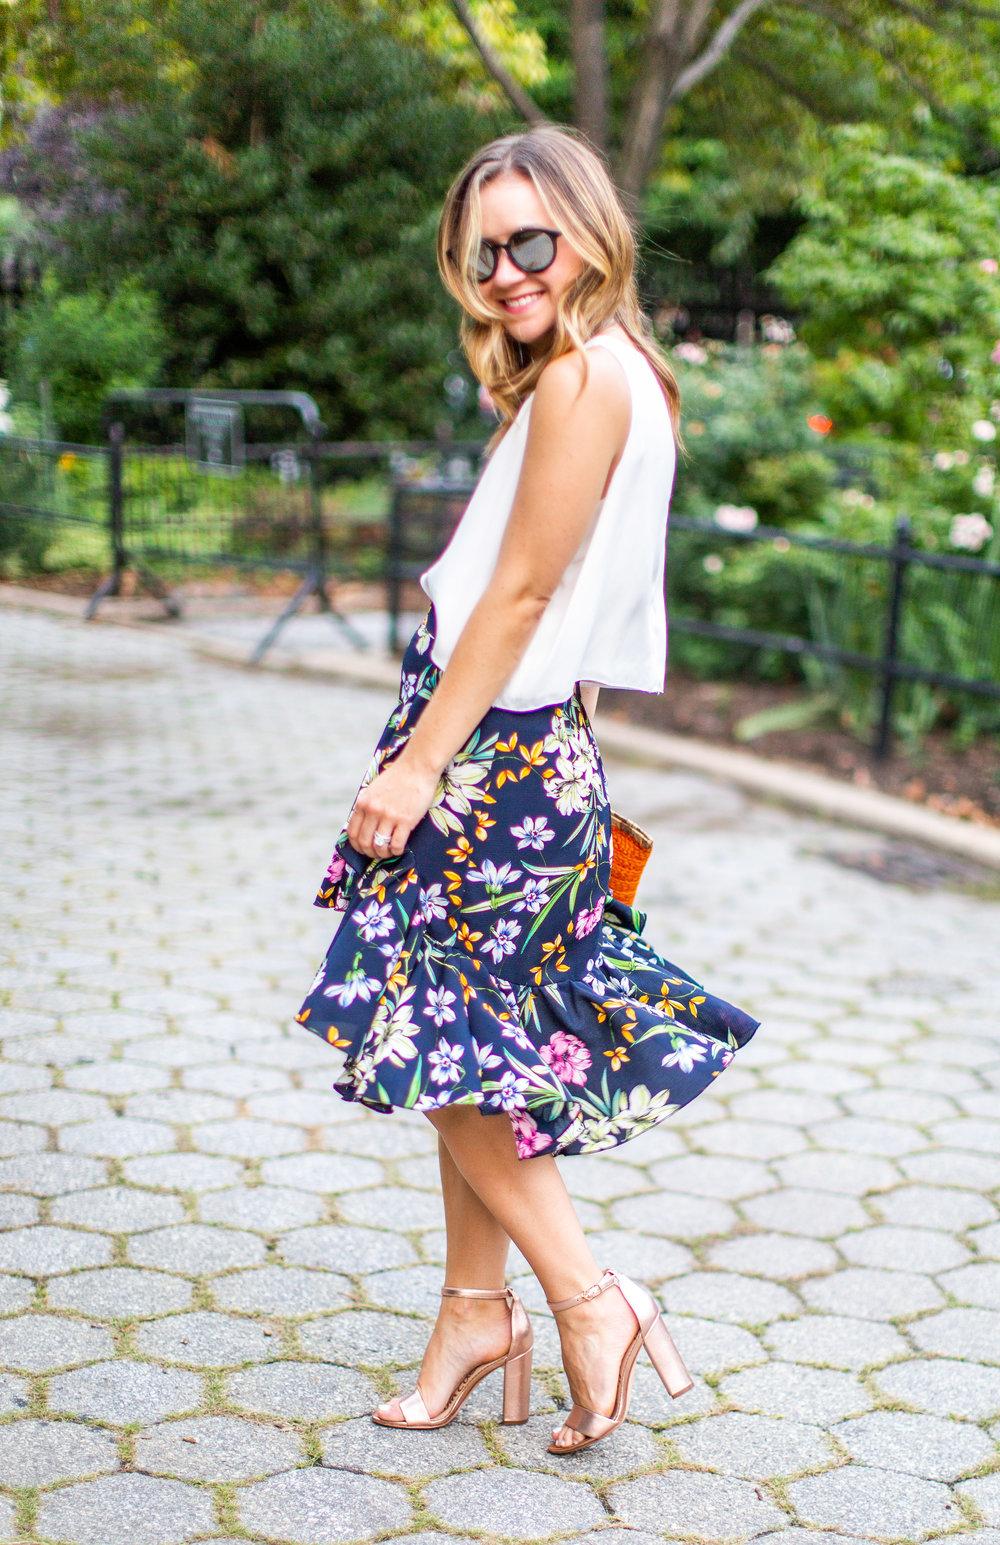 fizz-fade-magill-ruffle-skirt-7.jpg